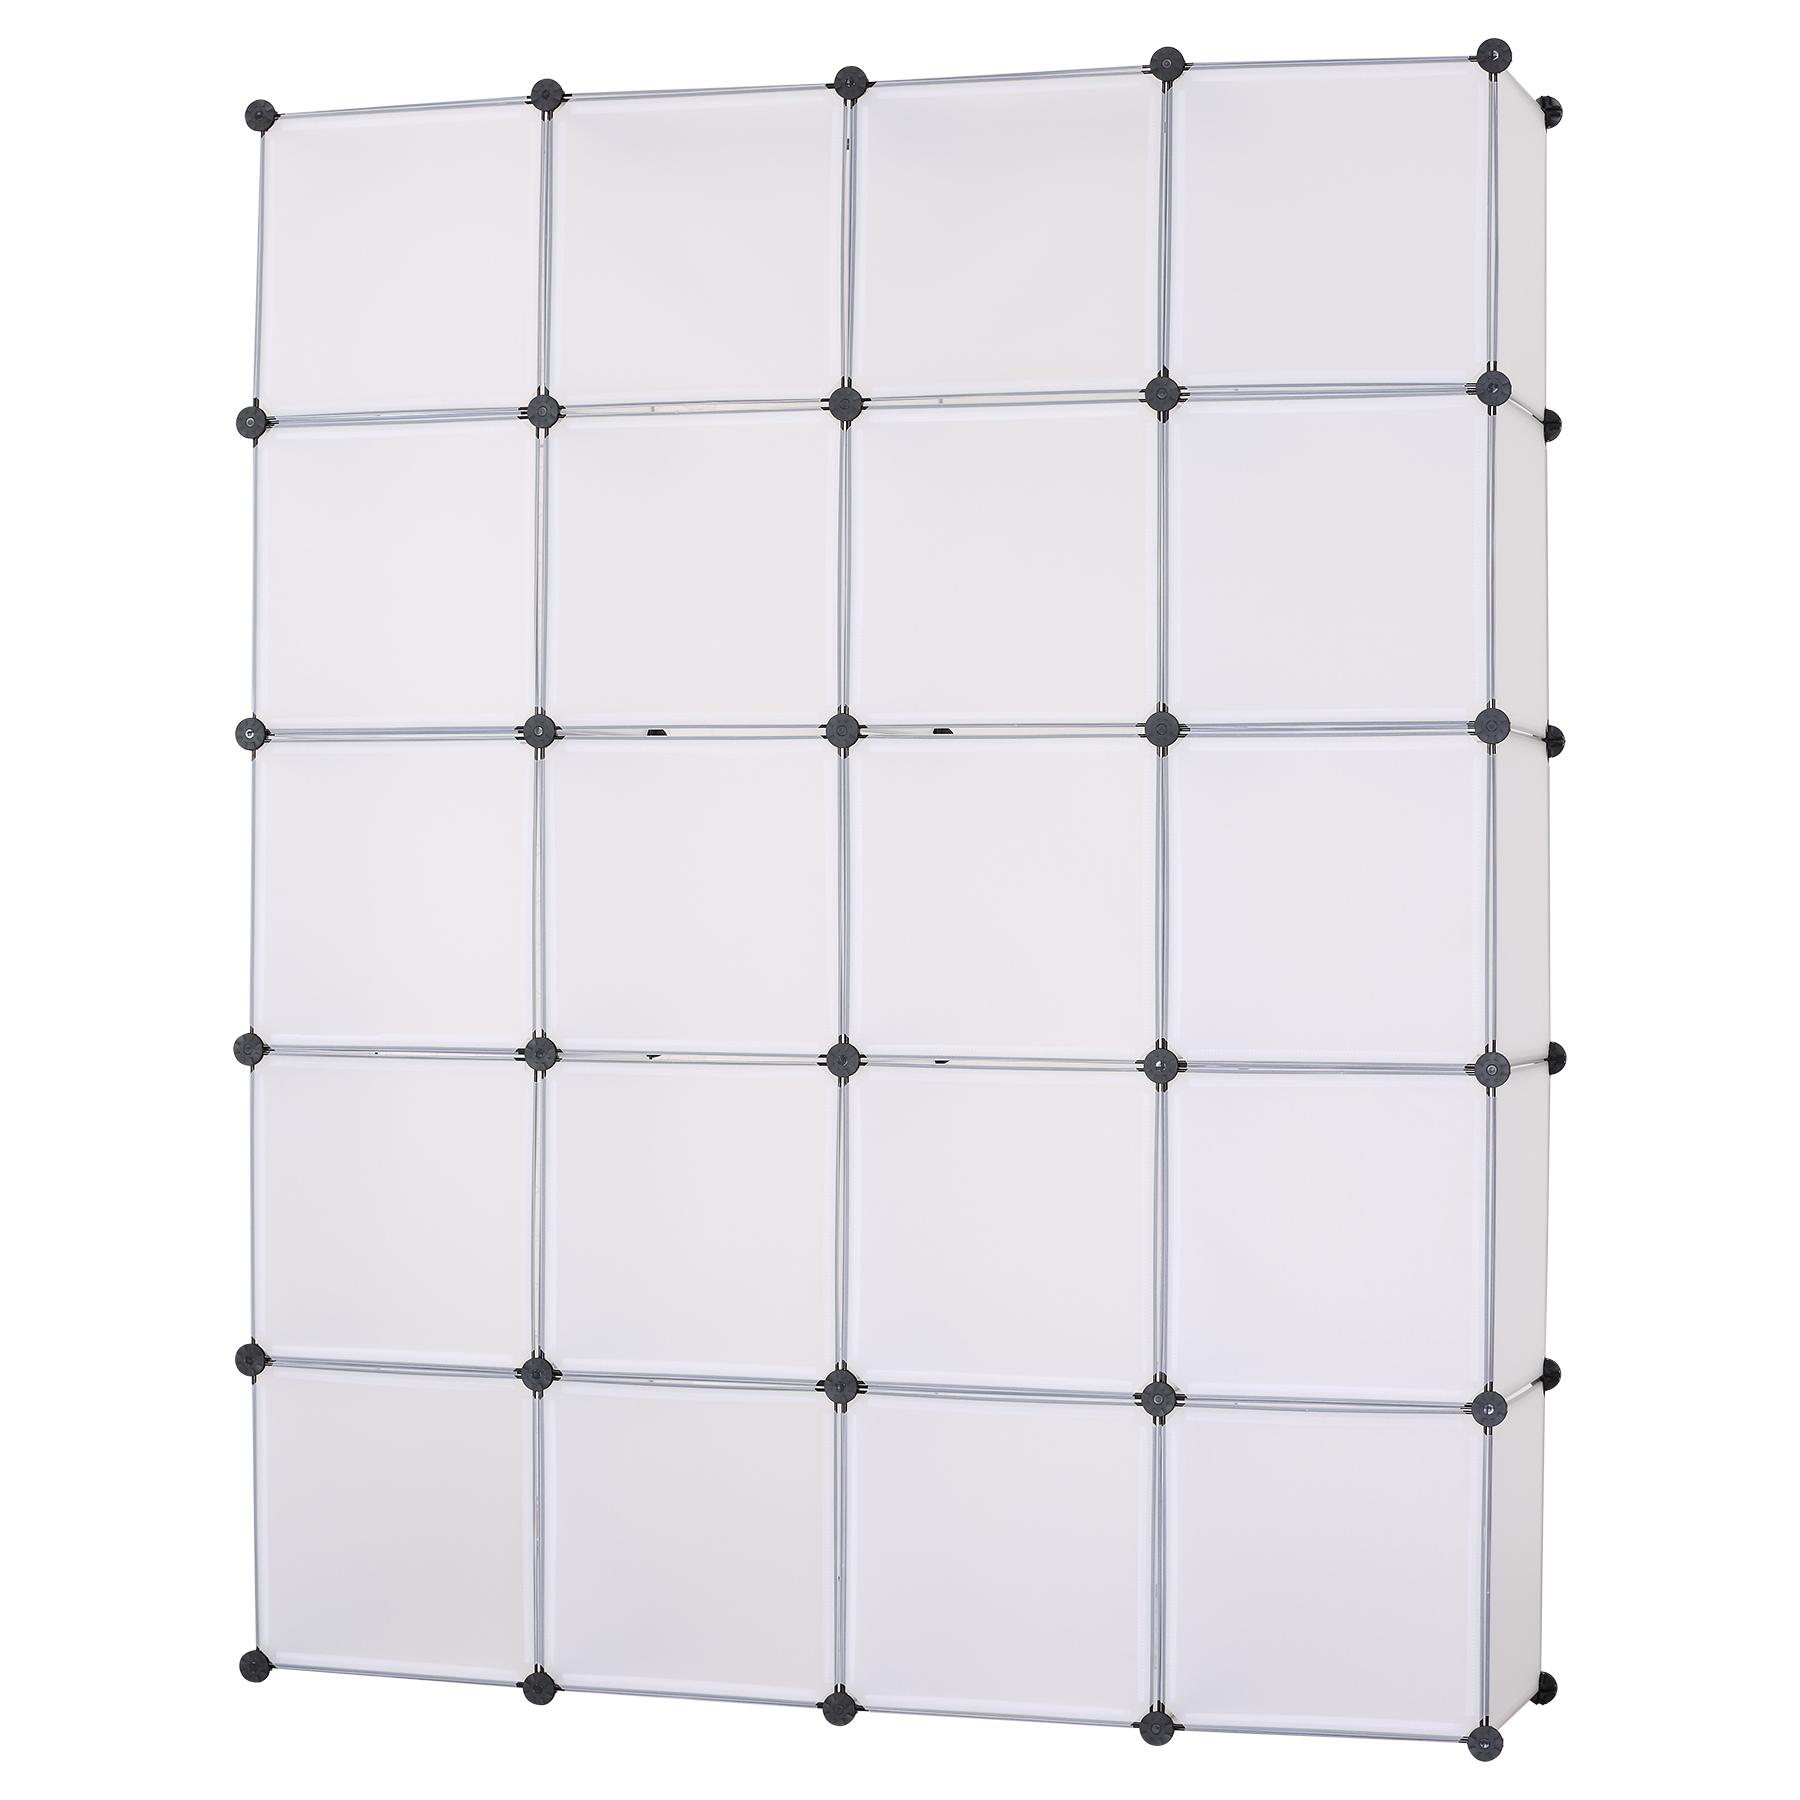 kleiderschrank garderobenschrank diy steckregal ohne t r xxl lagerregal sr0011ot ebay. Black Bedroom Furniture Sets. Home Design Ideas